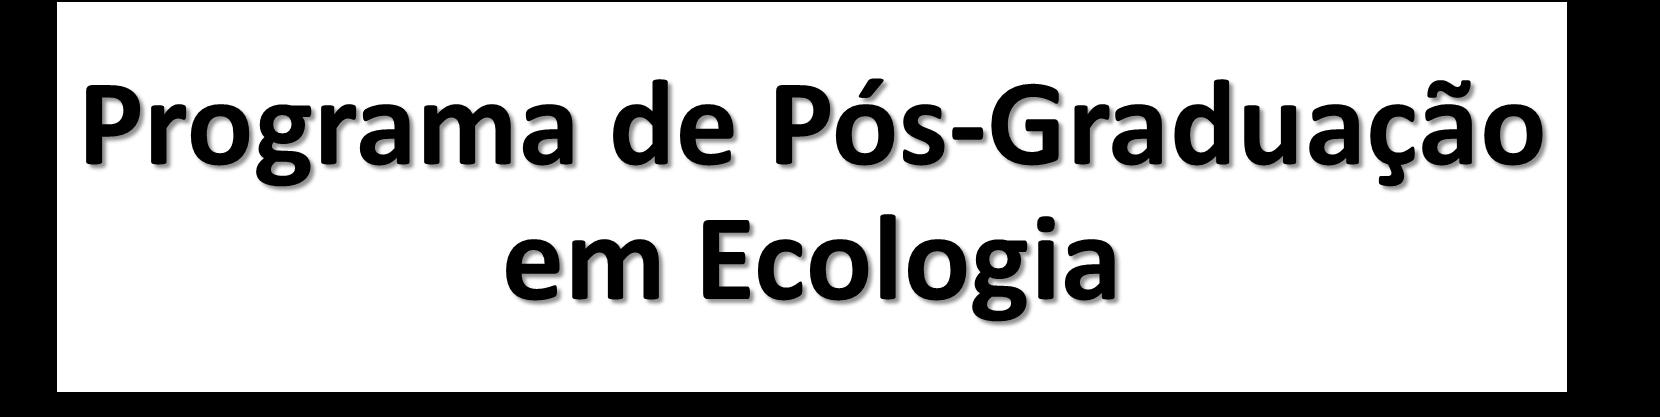 PROGRAMA DE PÓS GRADUAÇÃO EM ECOLOGIA